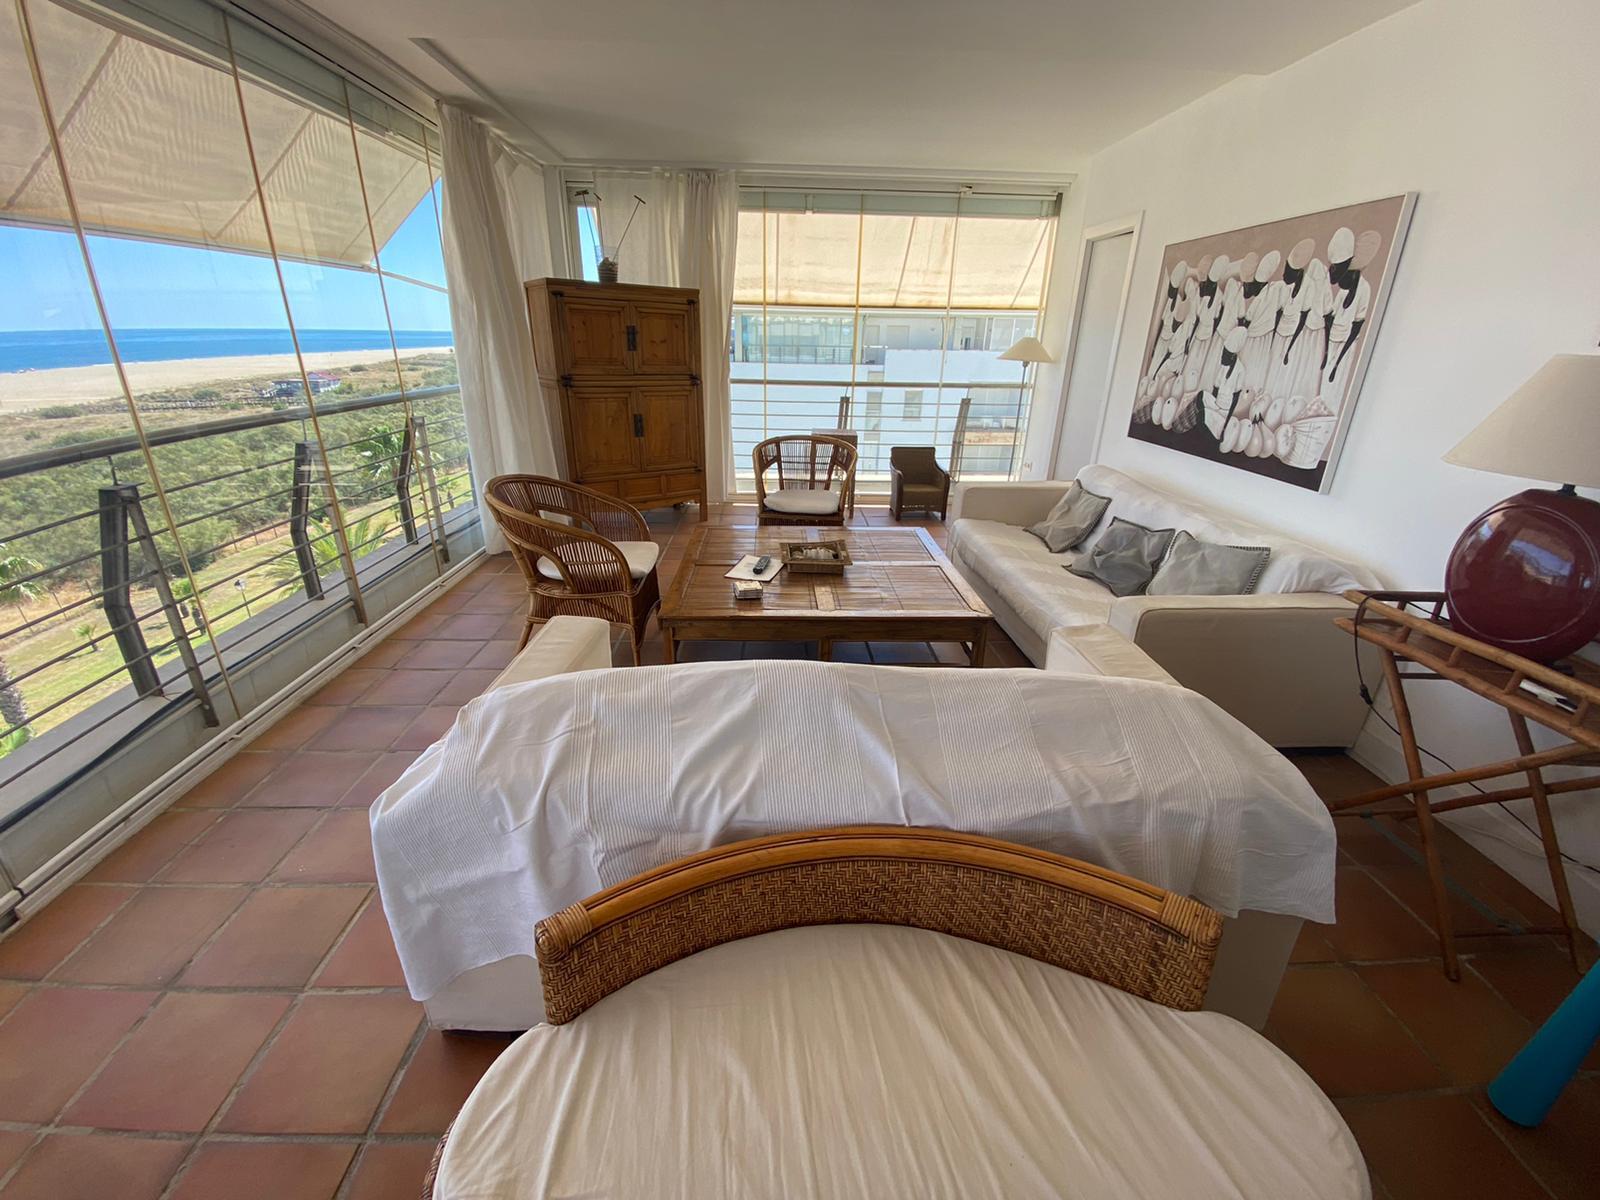 Imagen 6 del Apartamento Turístico, Ático 3 Levante, Frontal (4d+2b), Punta del Moral (HUELVA), Paseo de la Cruz nº22